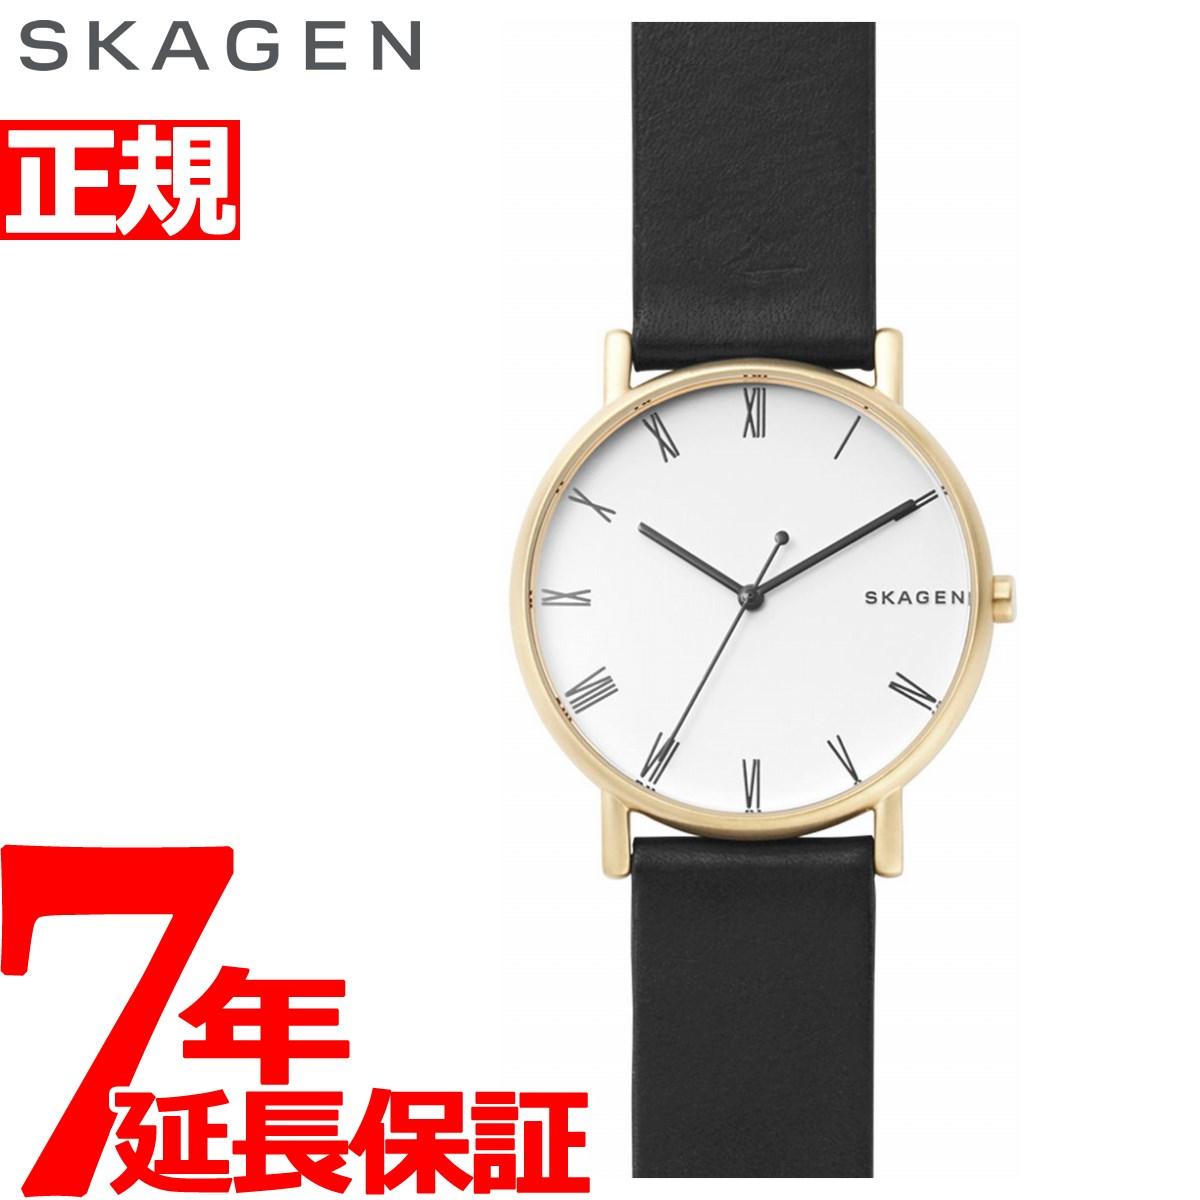 スカーゲン SKAGEN 腕時計 メンズ シグネチャー SIGNATUR SKW6426【2018 新作】